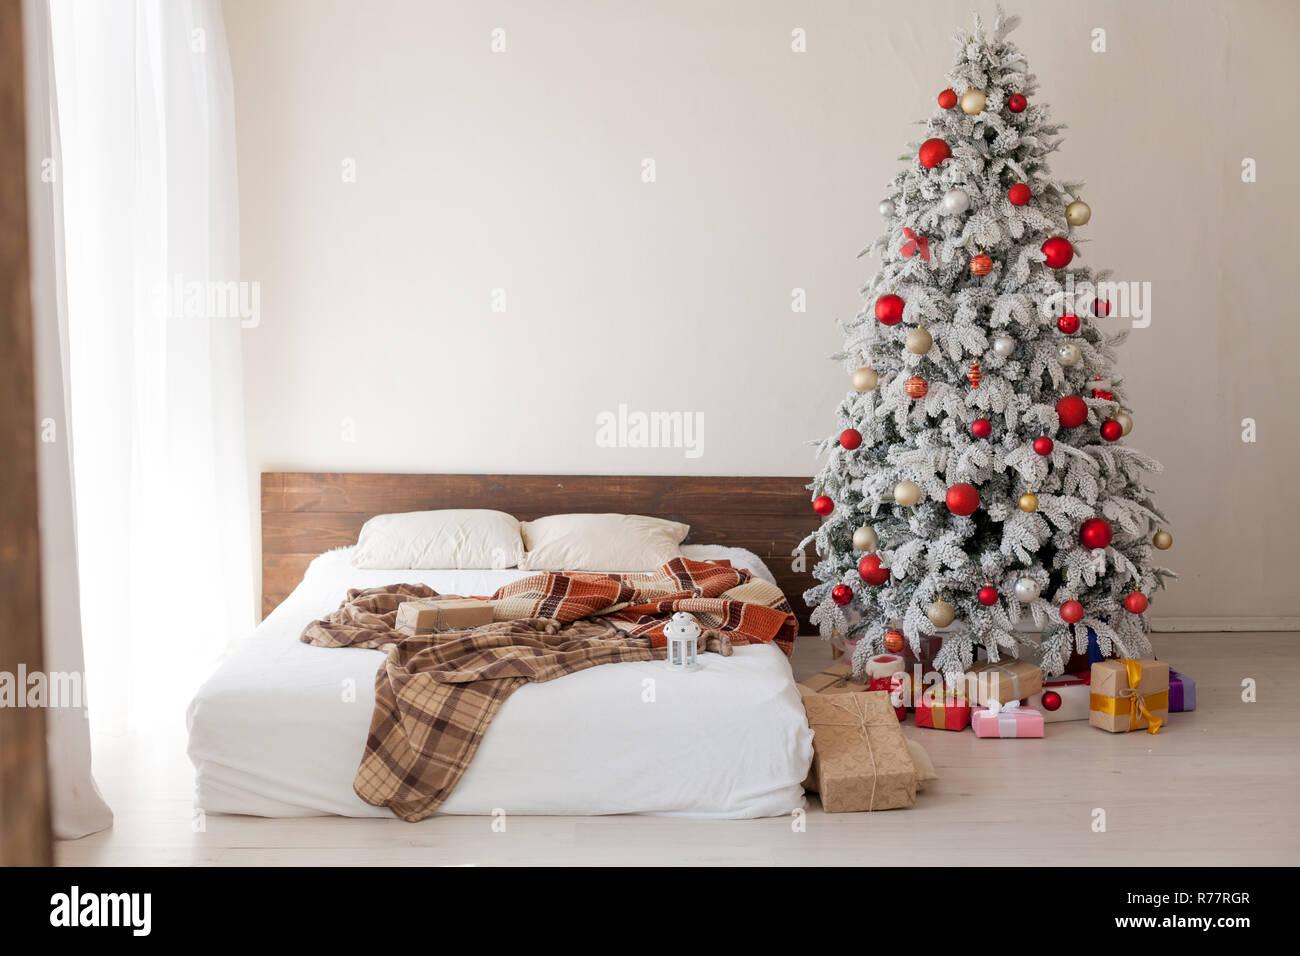 Albero di natale in camera da letto matrimoniale letto regali di ...